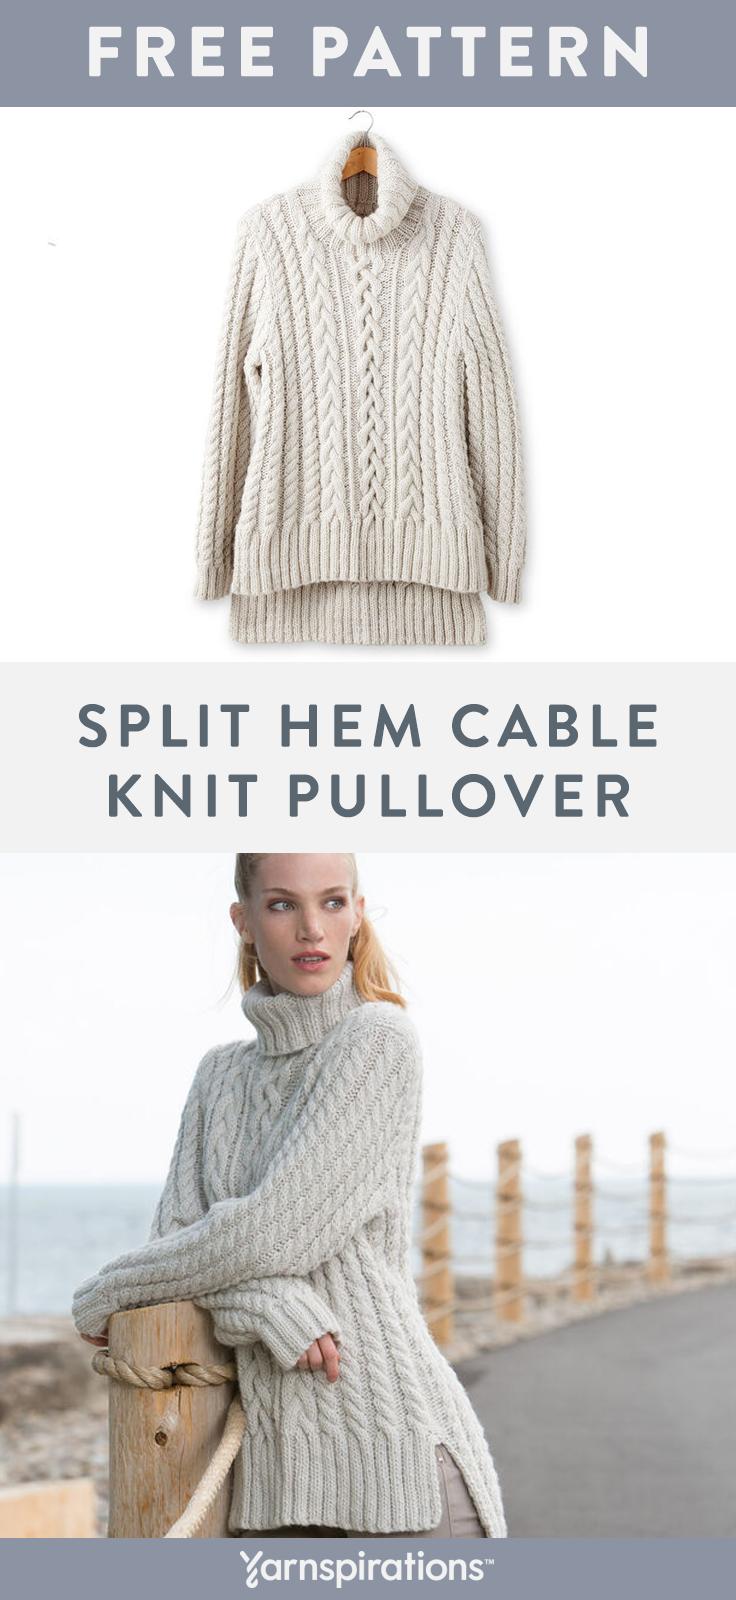 Free knit pattern using Patons Alpaca Blend yarn. Free ...